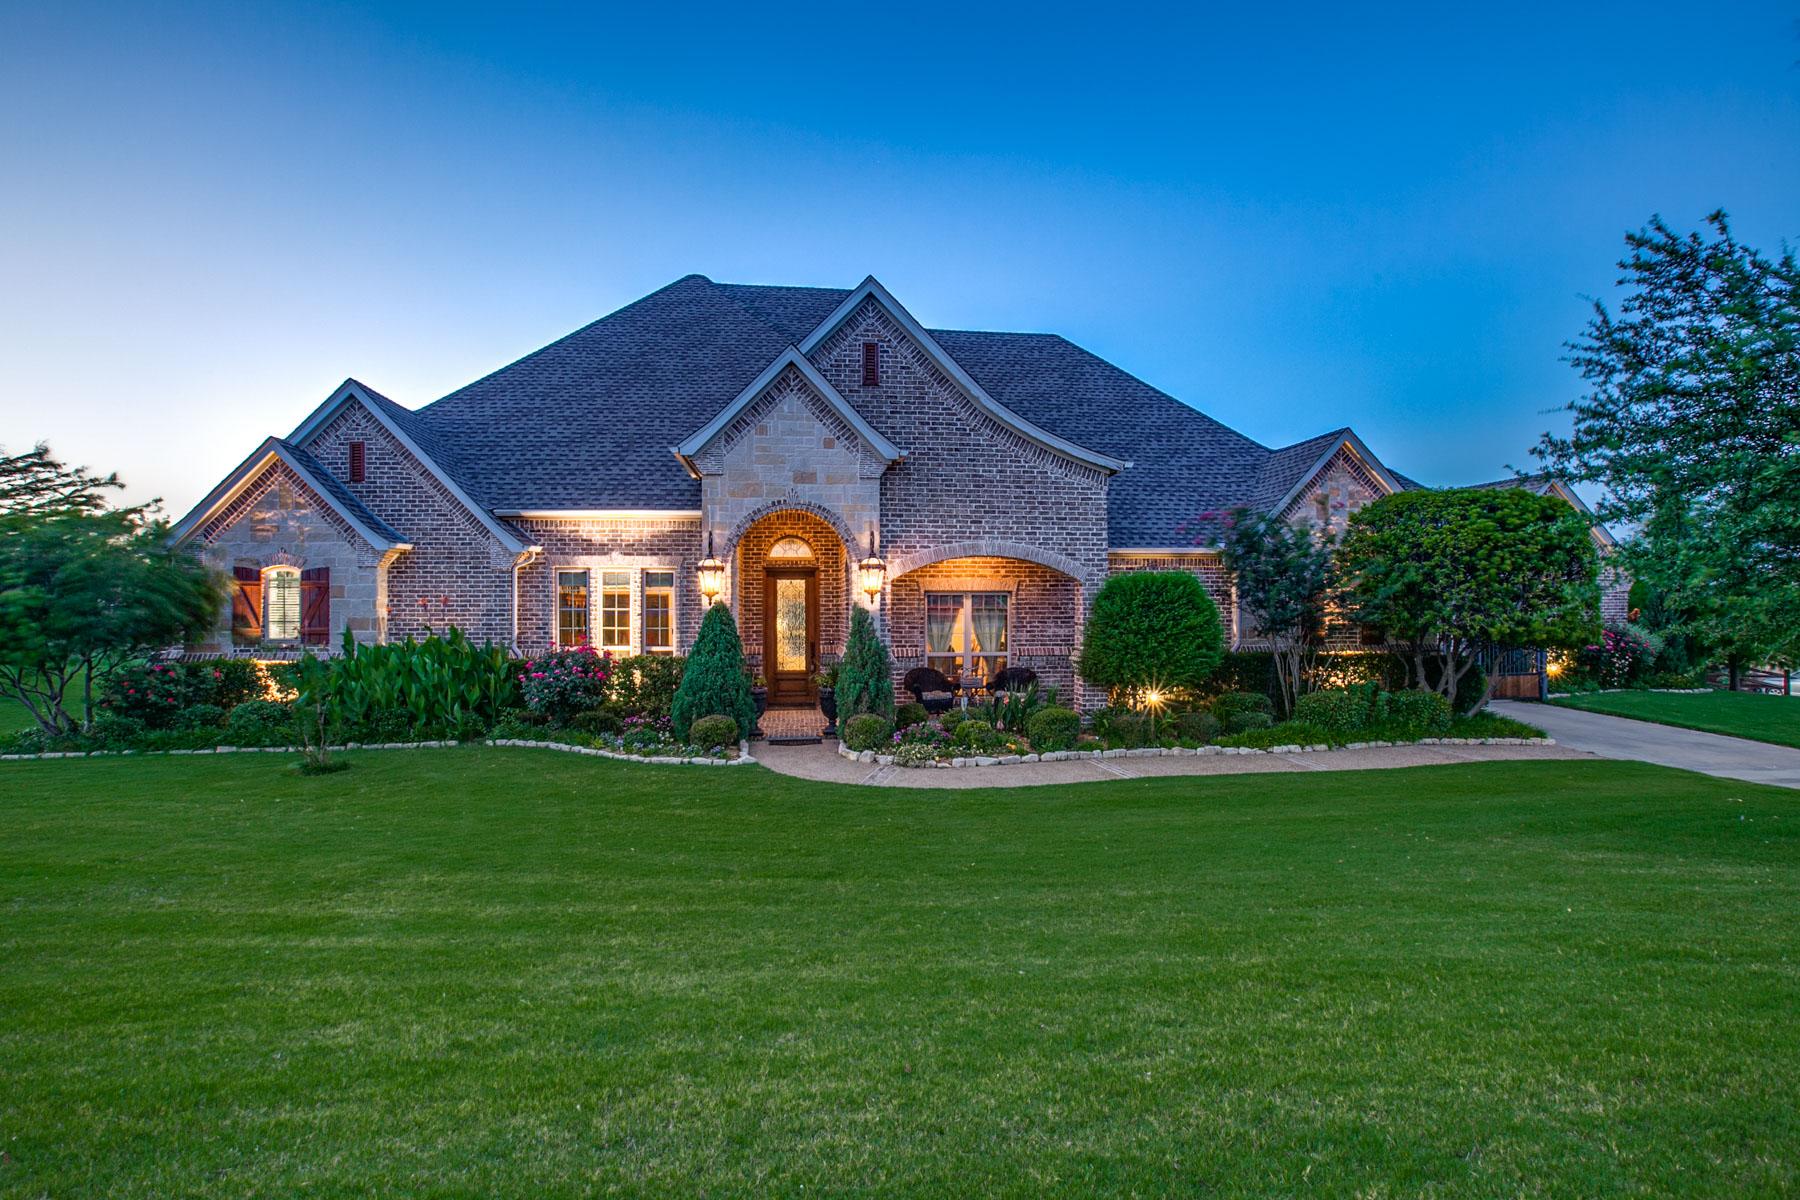 独户住宅 为 销售 在 Vista Ranch Beauty 1309 Meredith Creek Lane 沃斯堡市, 得克萨斯州, 76179 美国